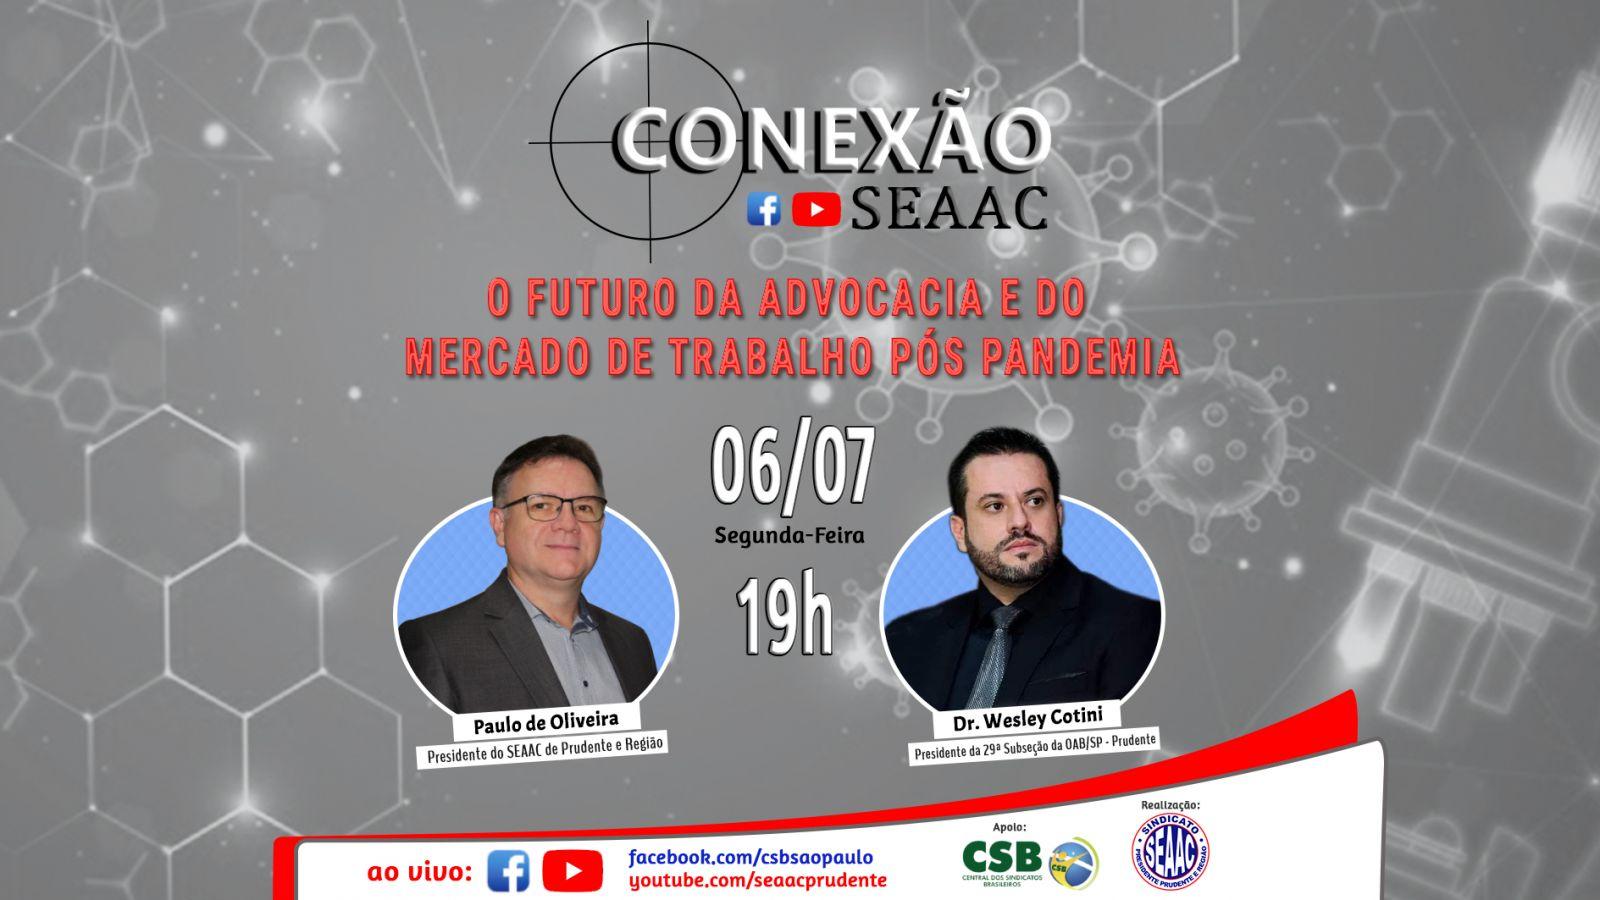 PRESIDENTE DA OAB PARTICIPA DO CONEXÃO SEAAC